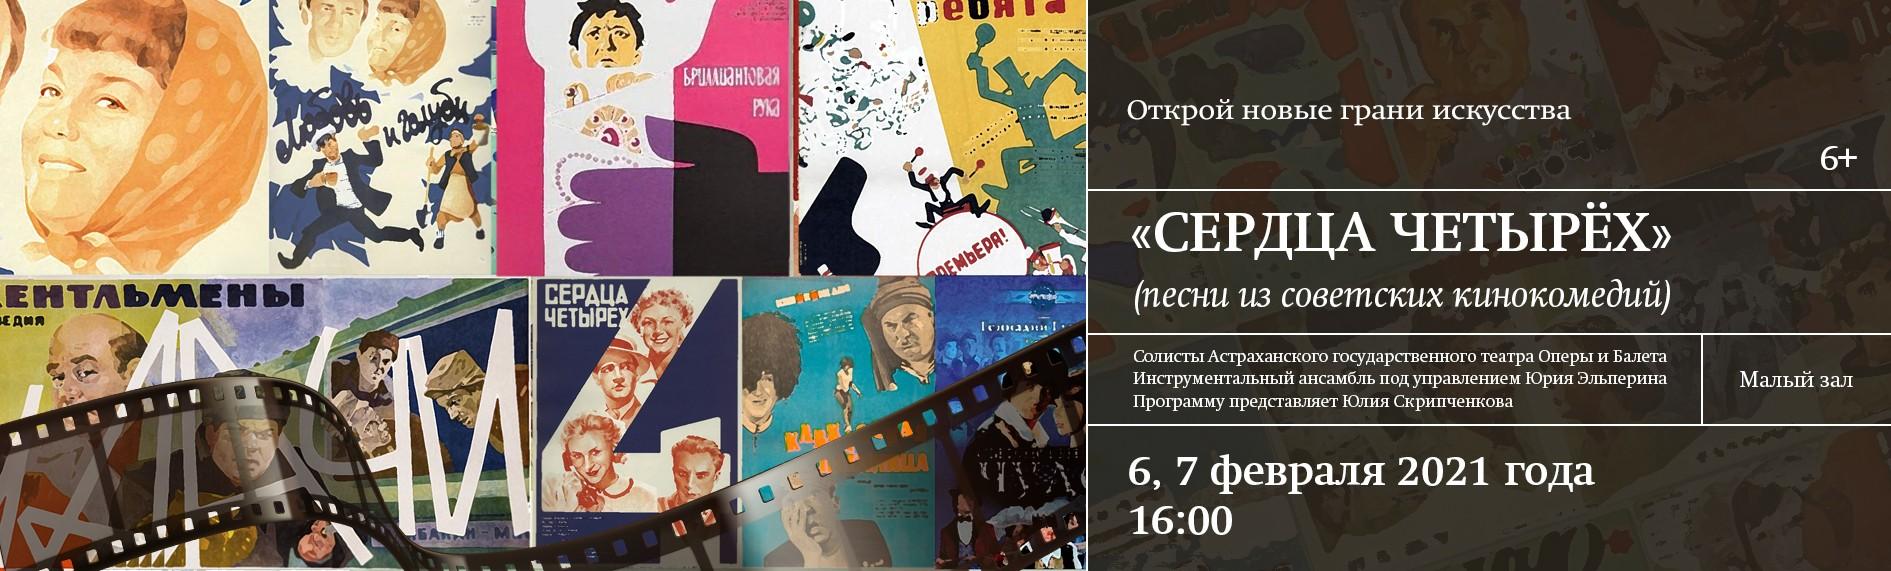 Концерт «Сердца четырех. Музыка из советских комедий»